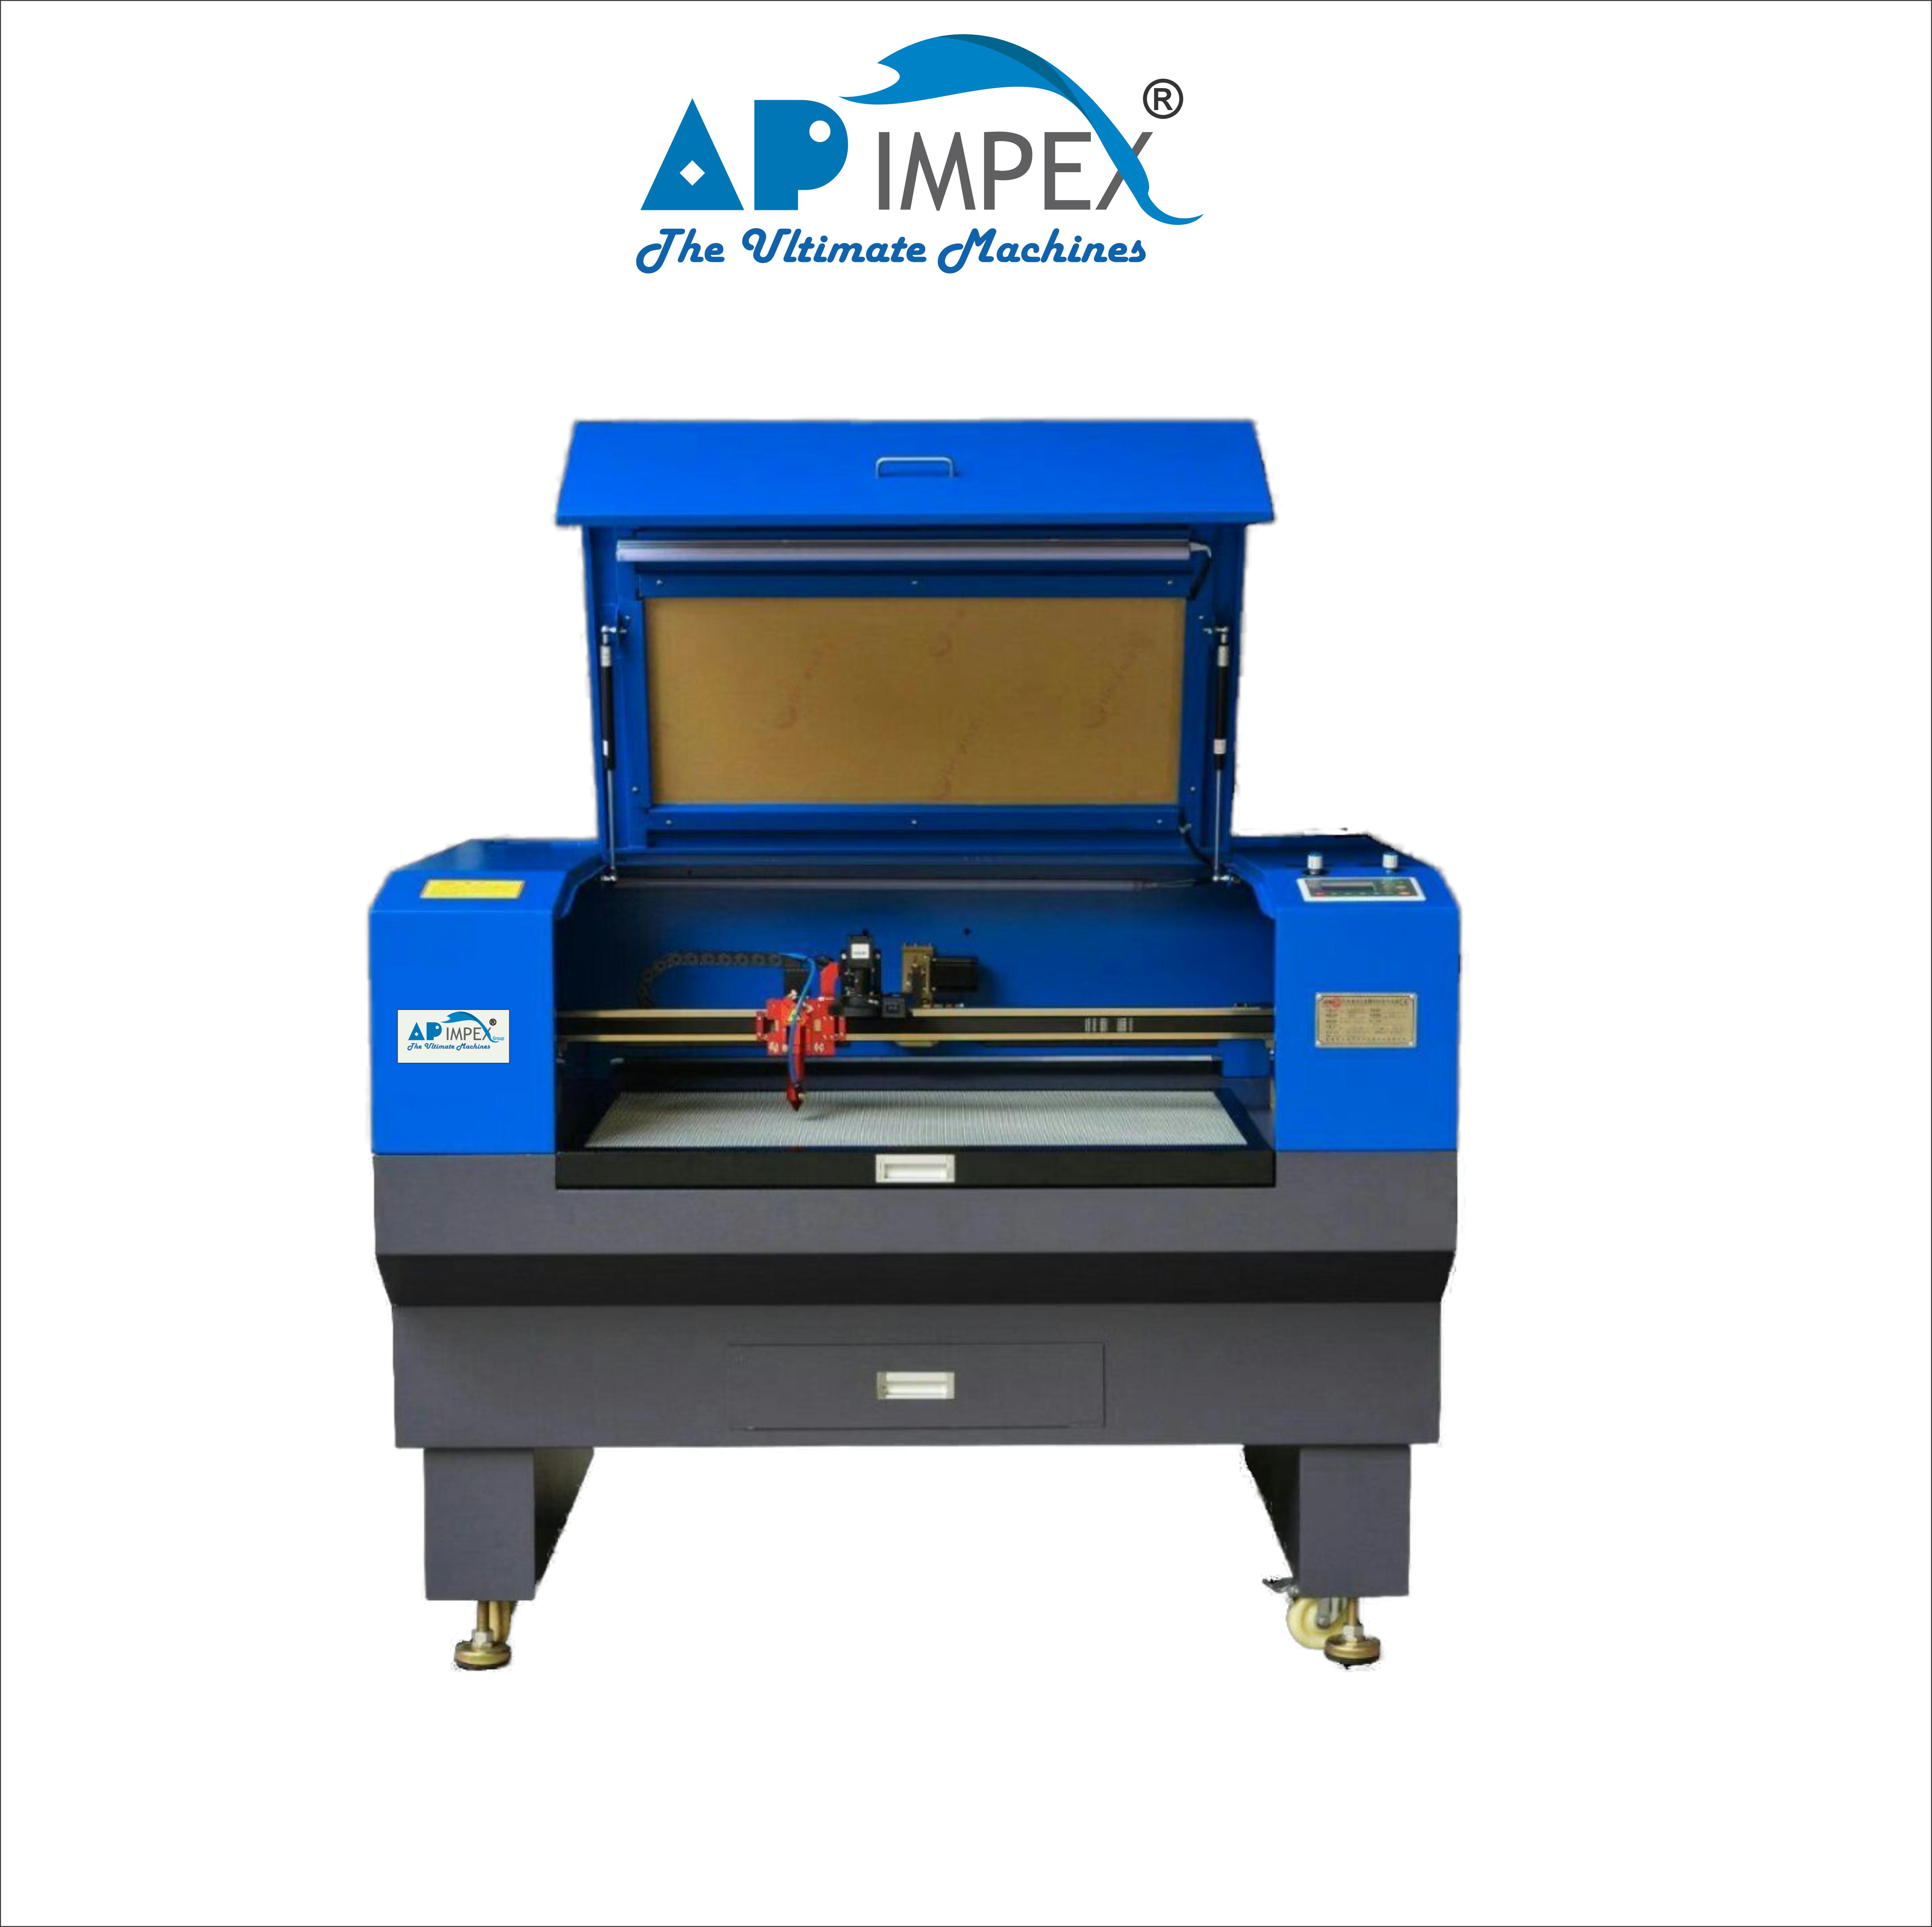 API - 1410 laser cutting machine